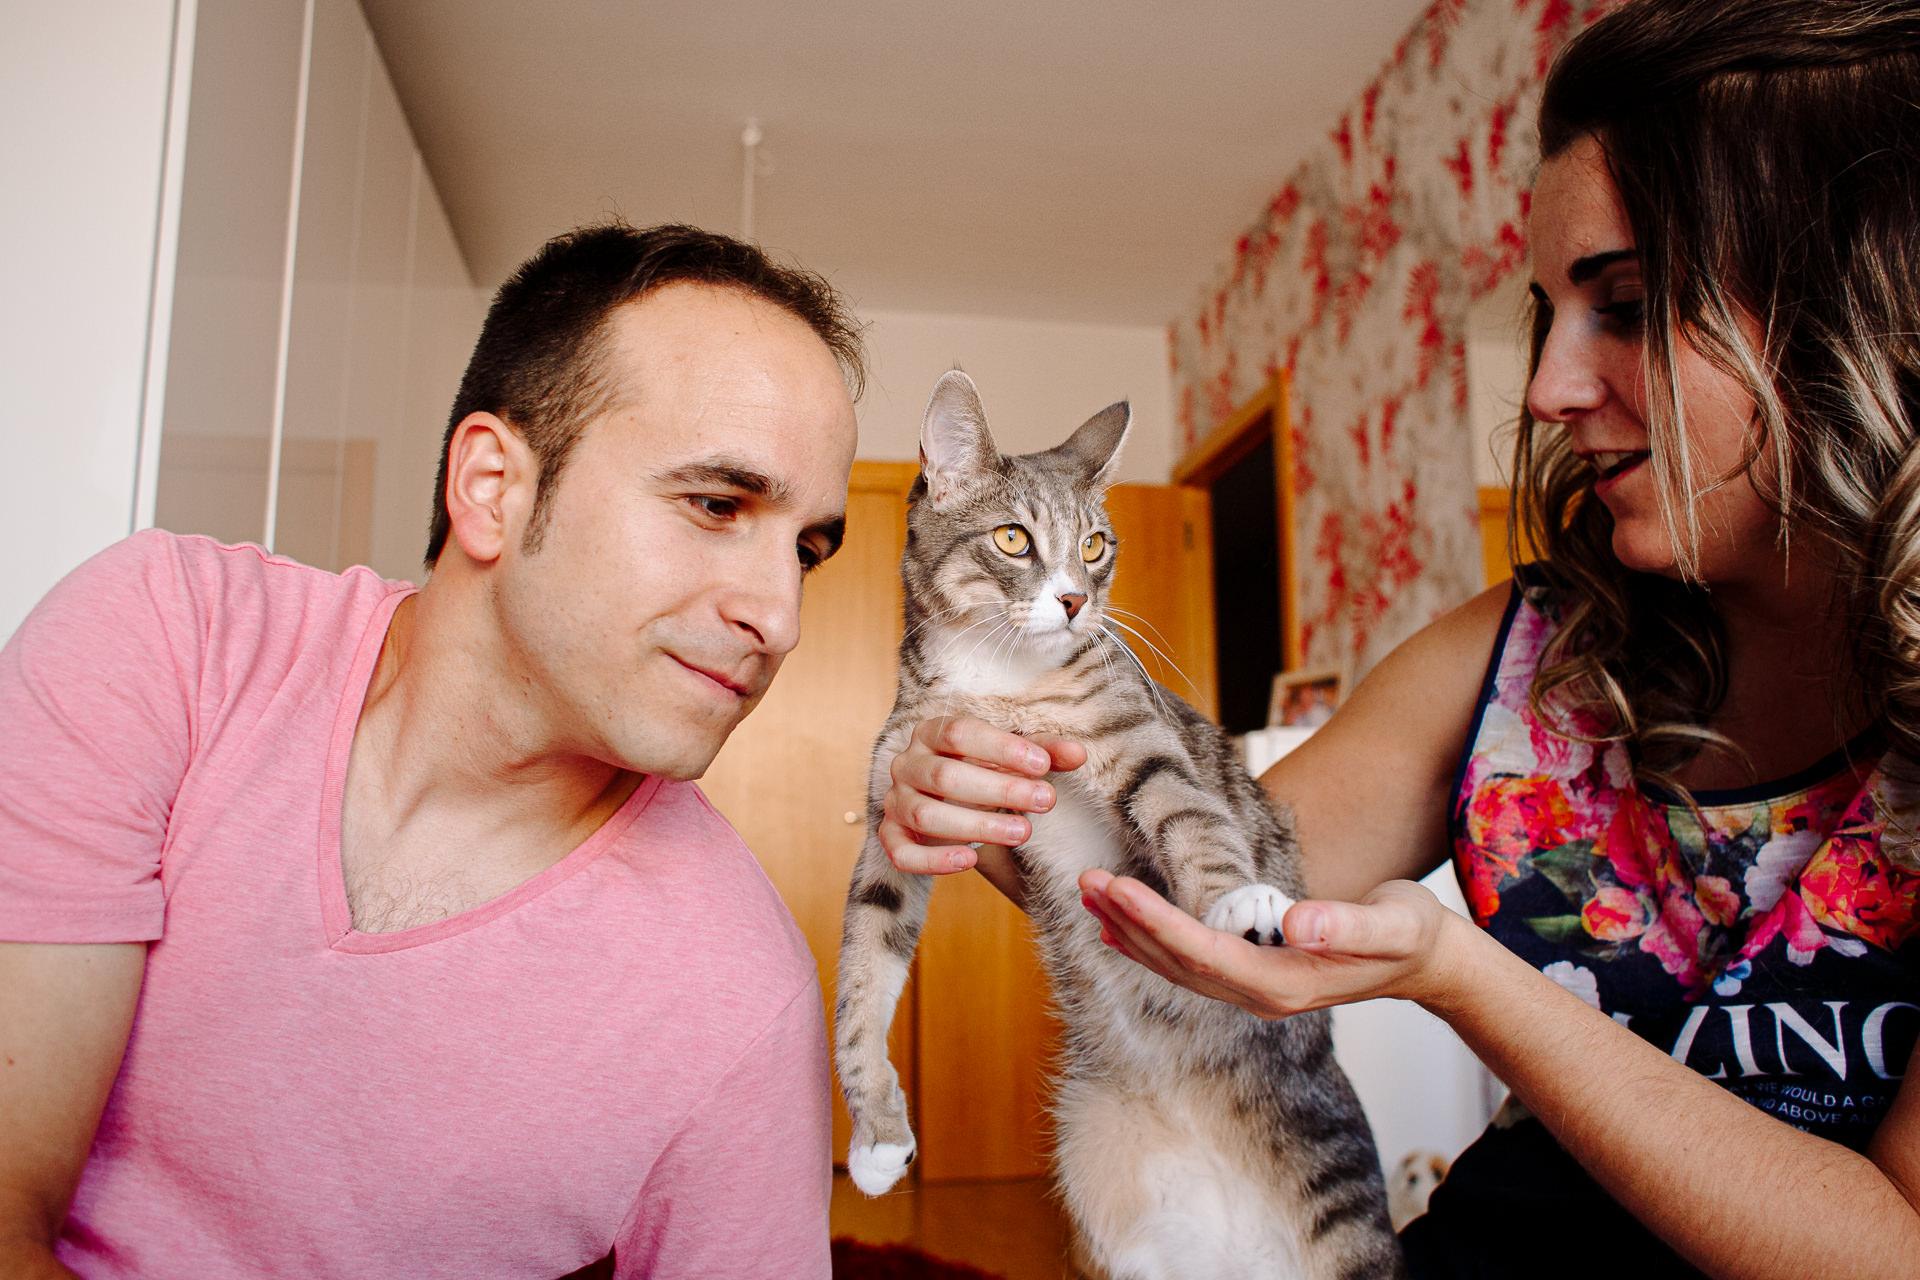 sesion fotos perro gato barcelona 183841